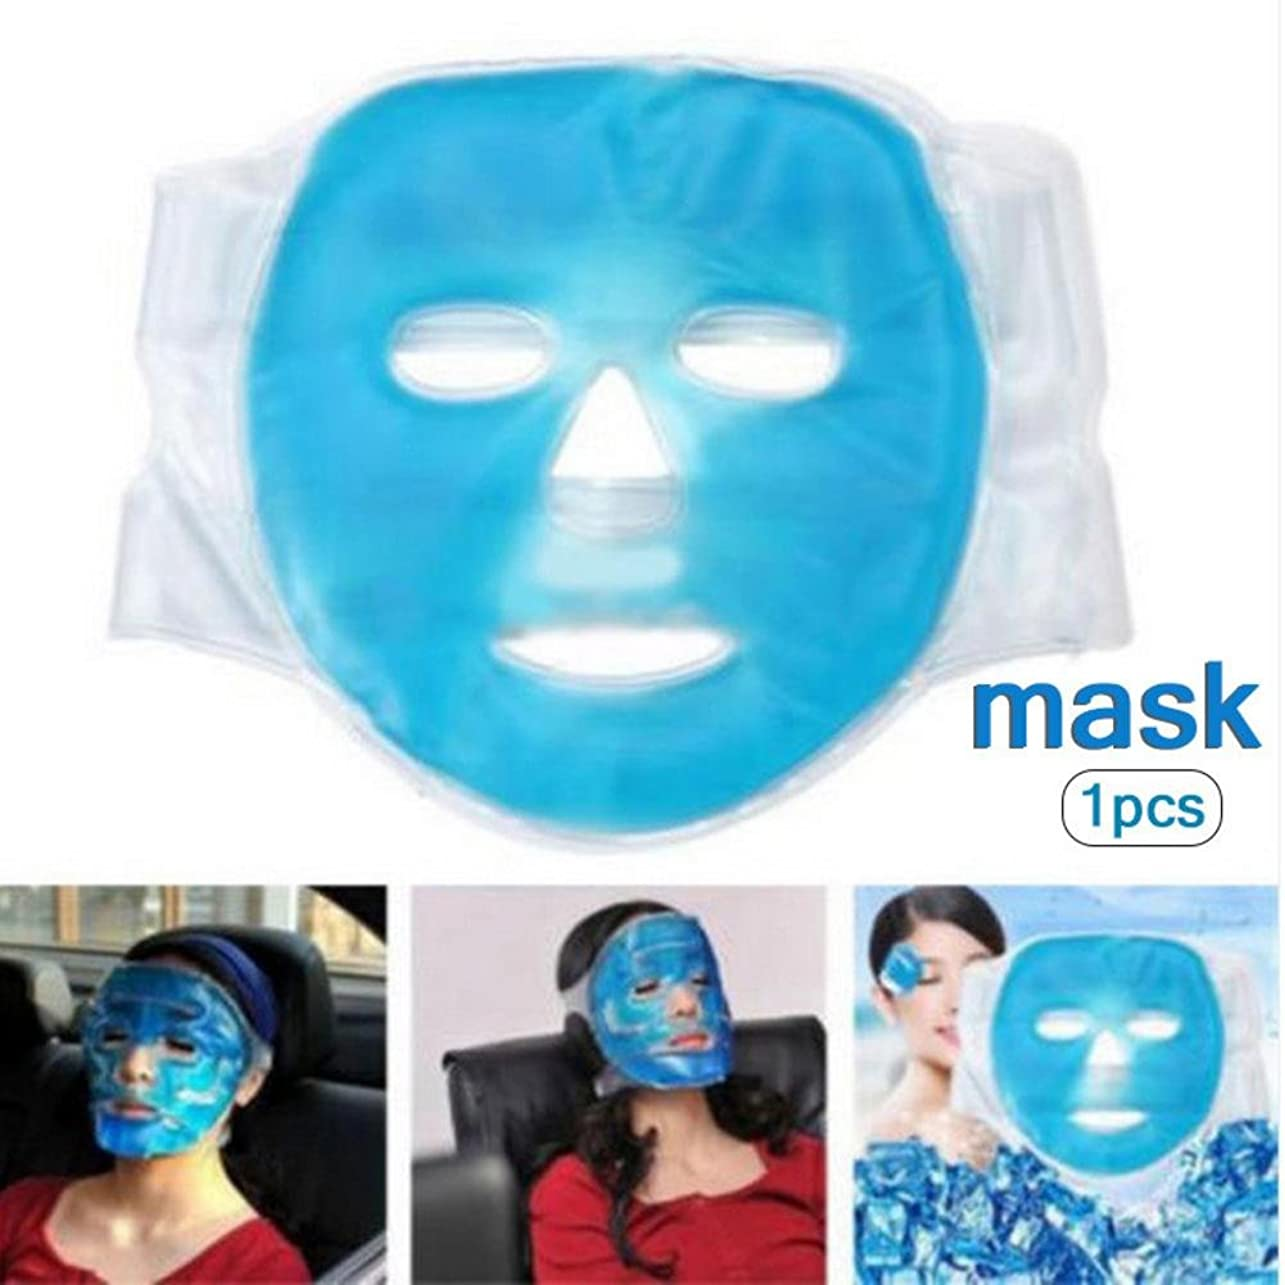 実施する適性会話SILUN フェイスマスク 冷温兼用 美容用 再利用可能 毛細血管収縮 肌ケア 保湿 吸収しやすい 美容マッサージ アイスマスク